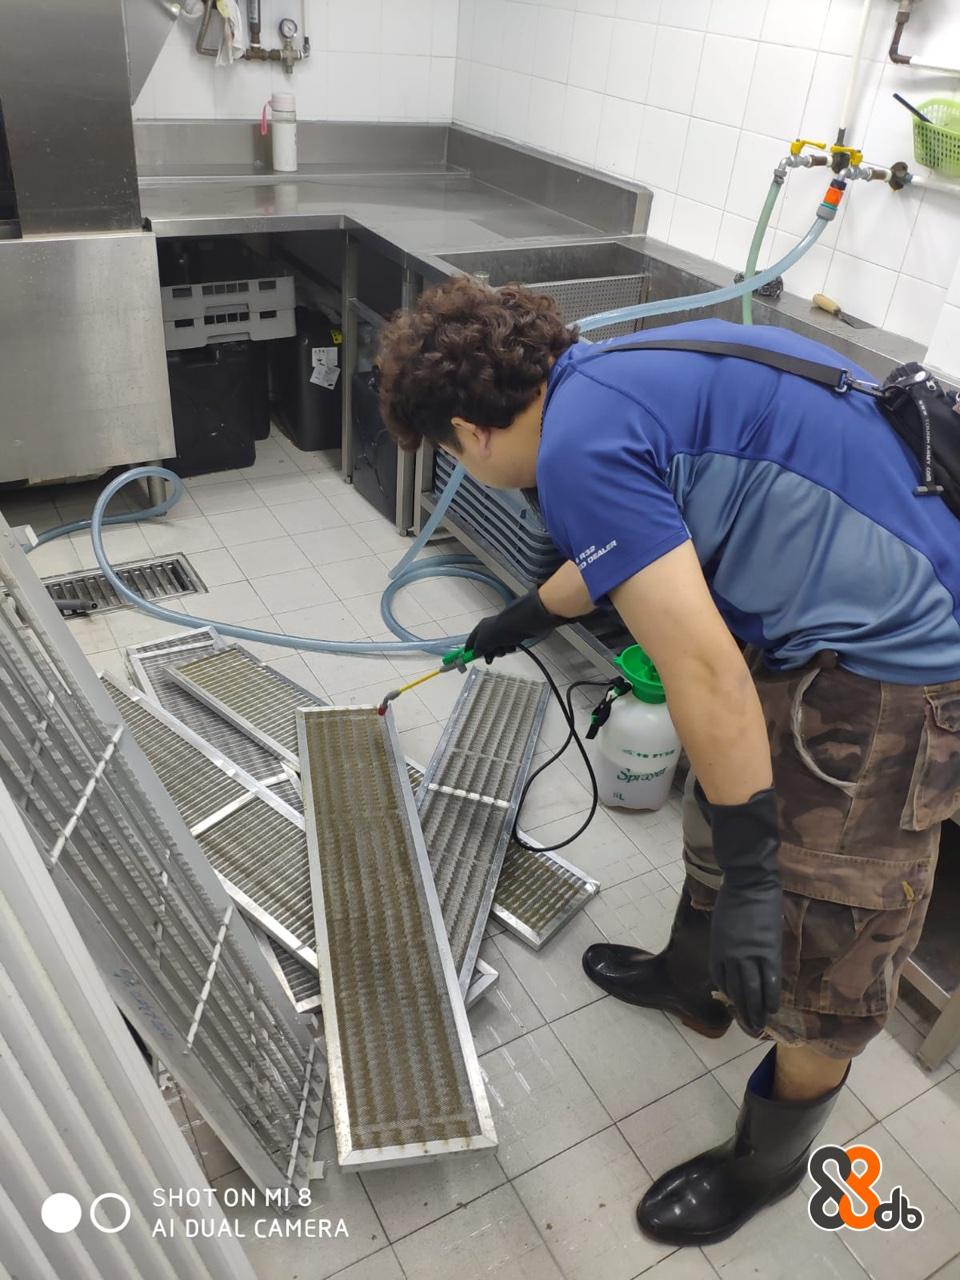 冷氣安裝清洗維修服務 - HK 88DB.com